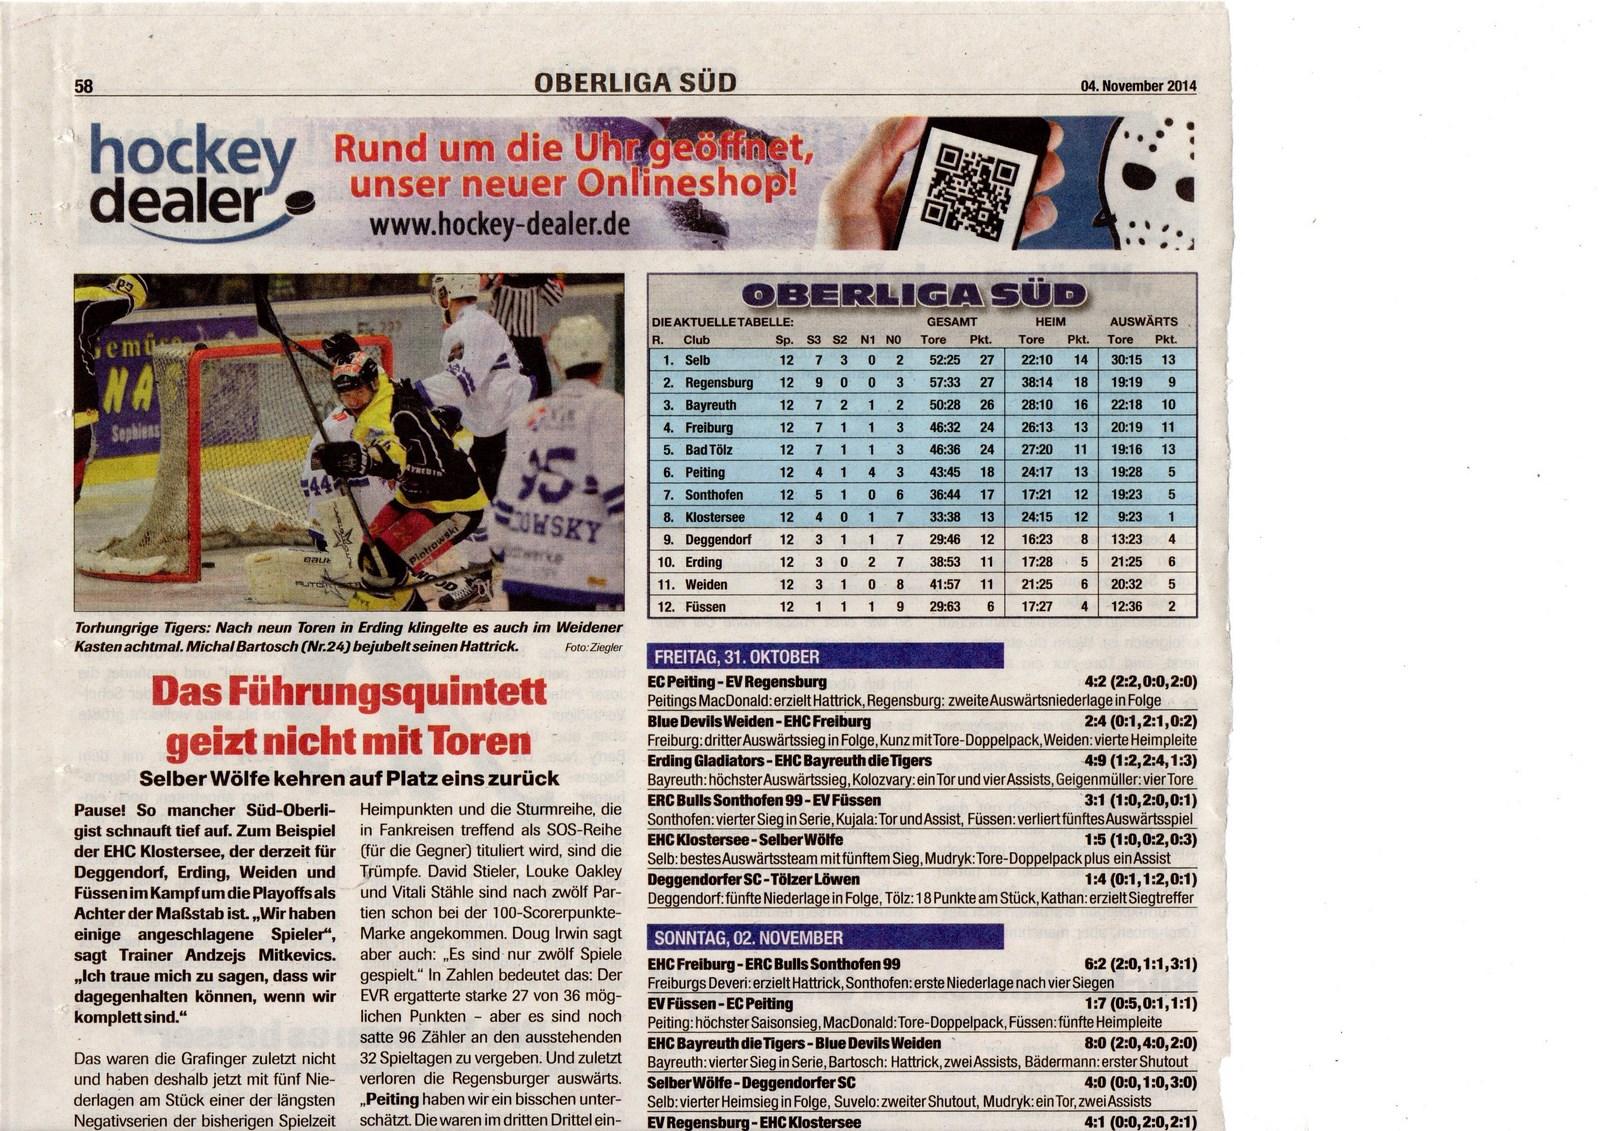 Eishockey NEWS 2014-11-04 [1600x1200]